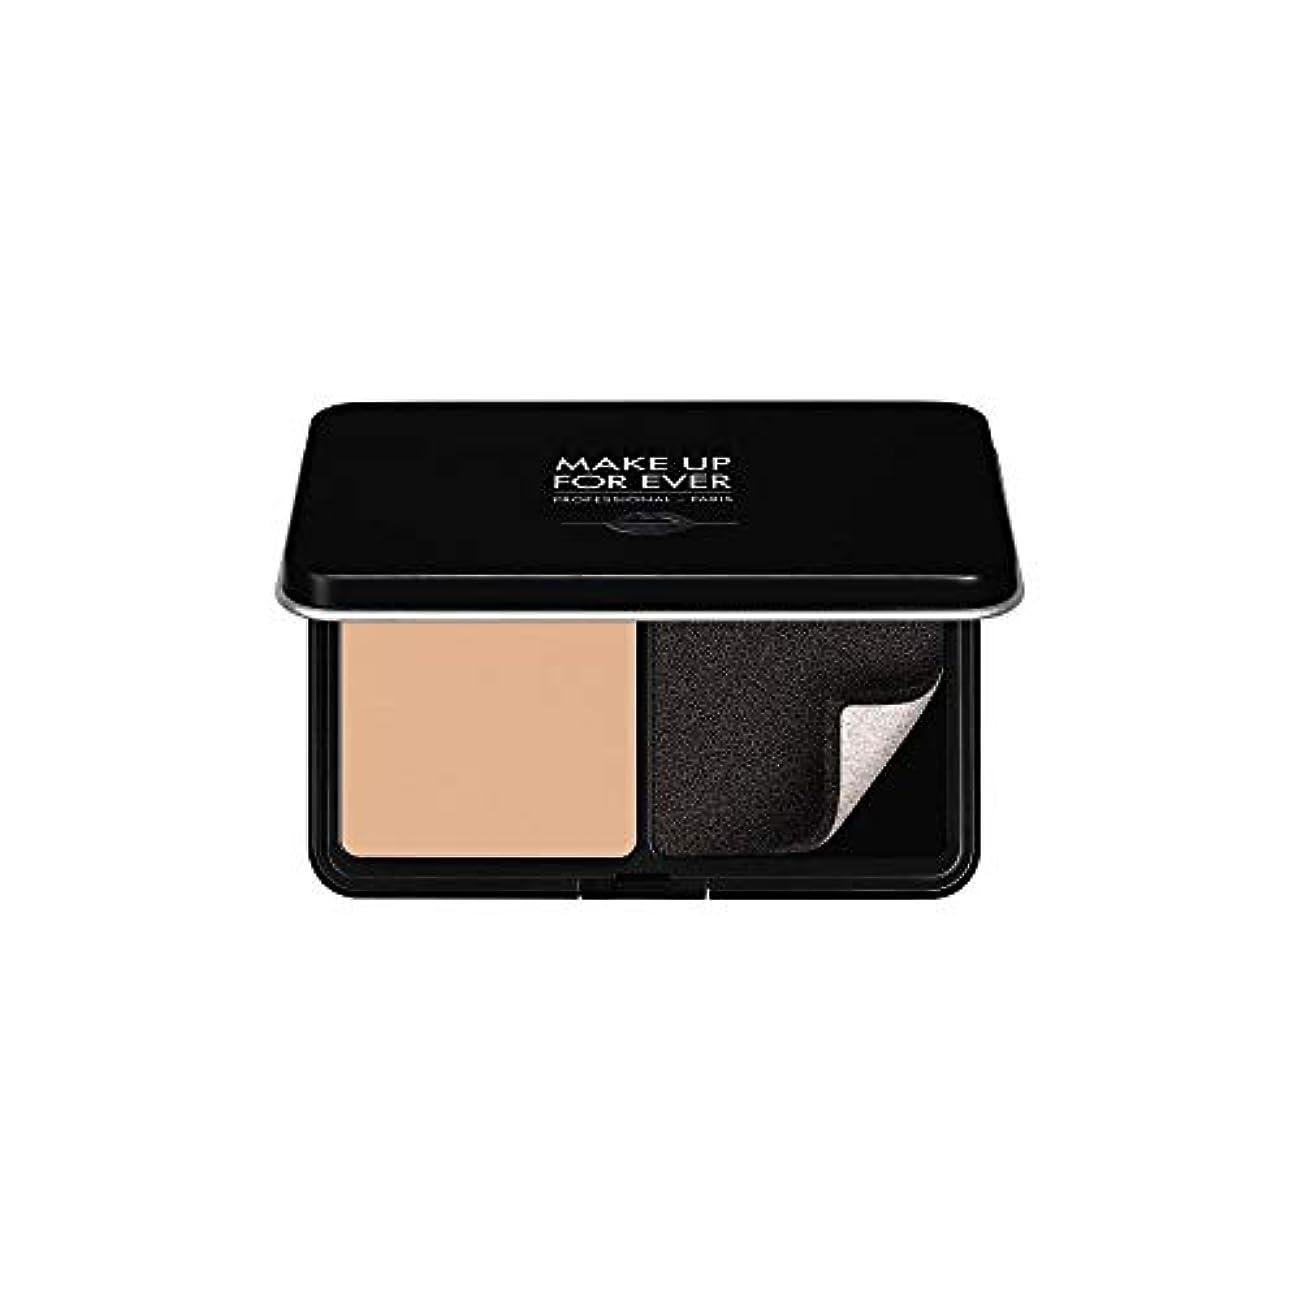 パラナ川浸す忠実メイクアップフォーエバー Matte Velvet Skin Blurring Powder Foundation - # R250 (Beige Nude) 11g/0.38oz並行輸入品